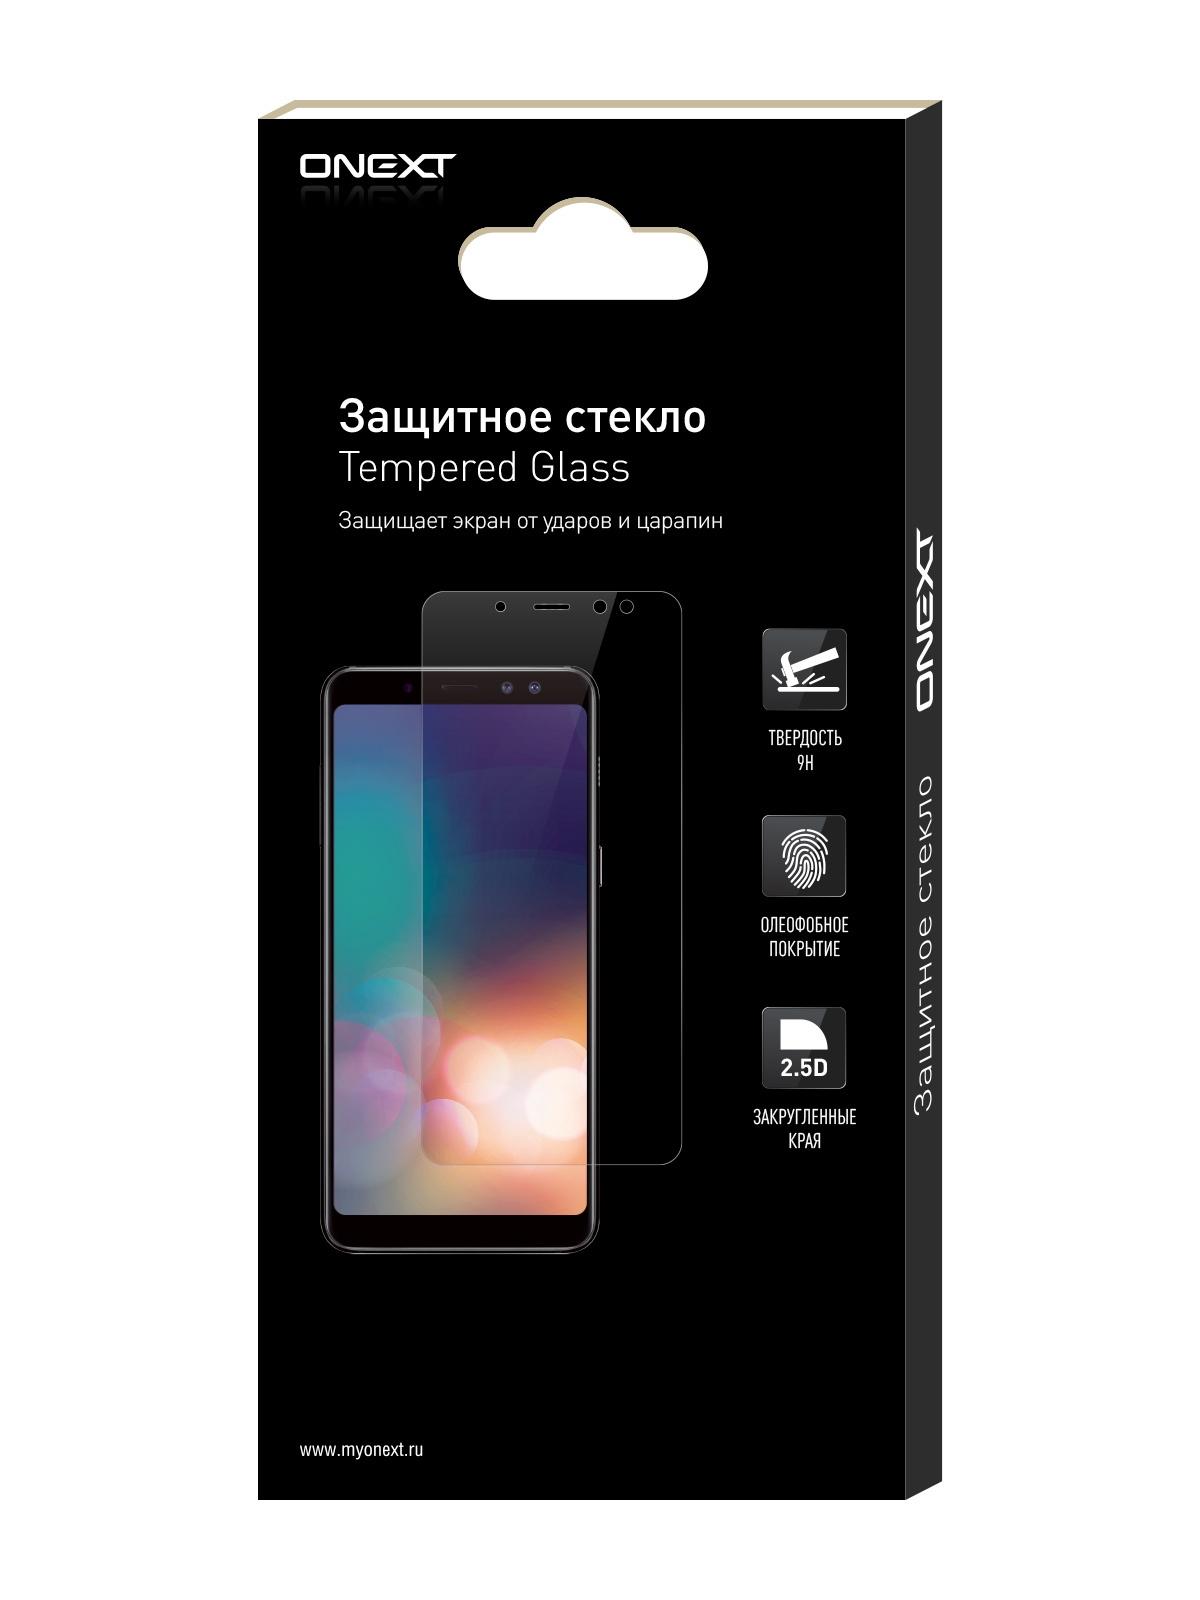 Защитное стекло ONEXT iPhone 7 защитное стекло onext для iphone 7